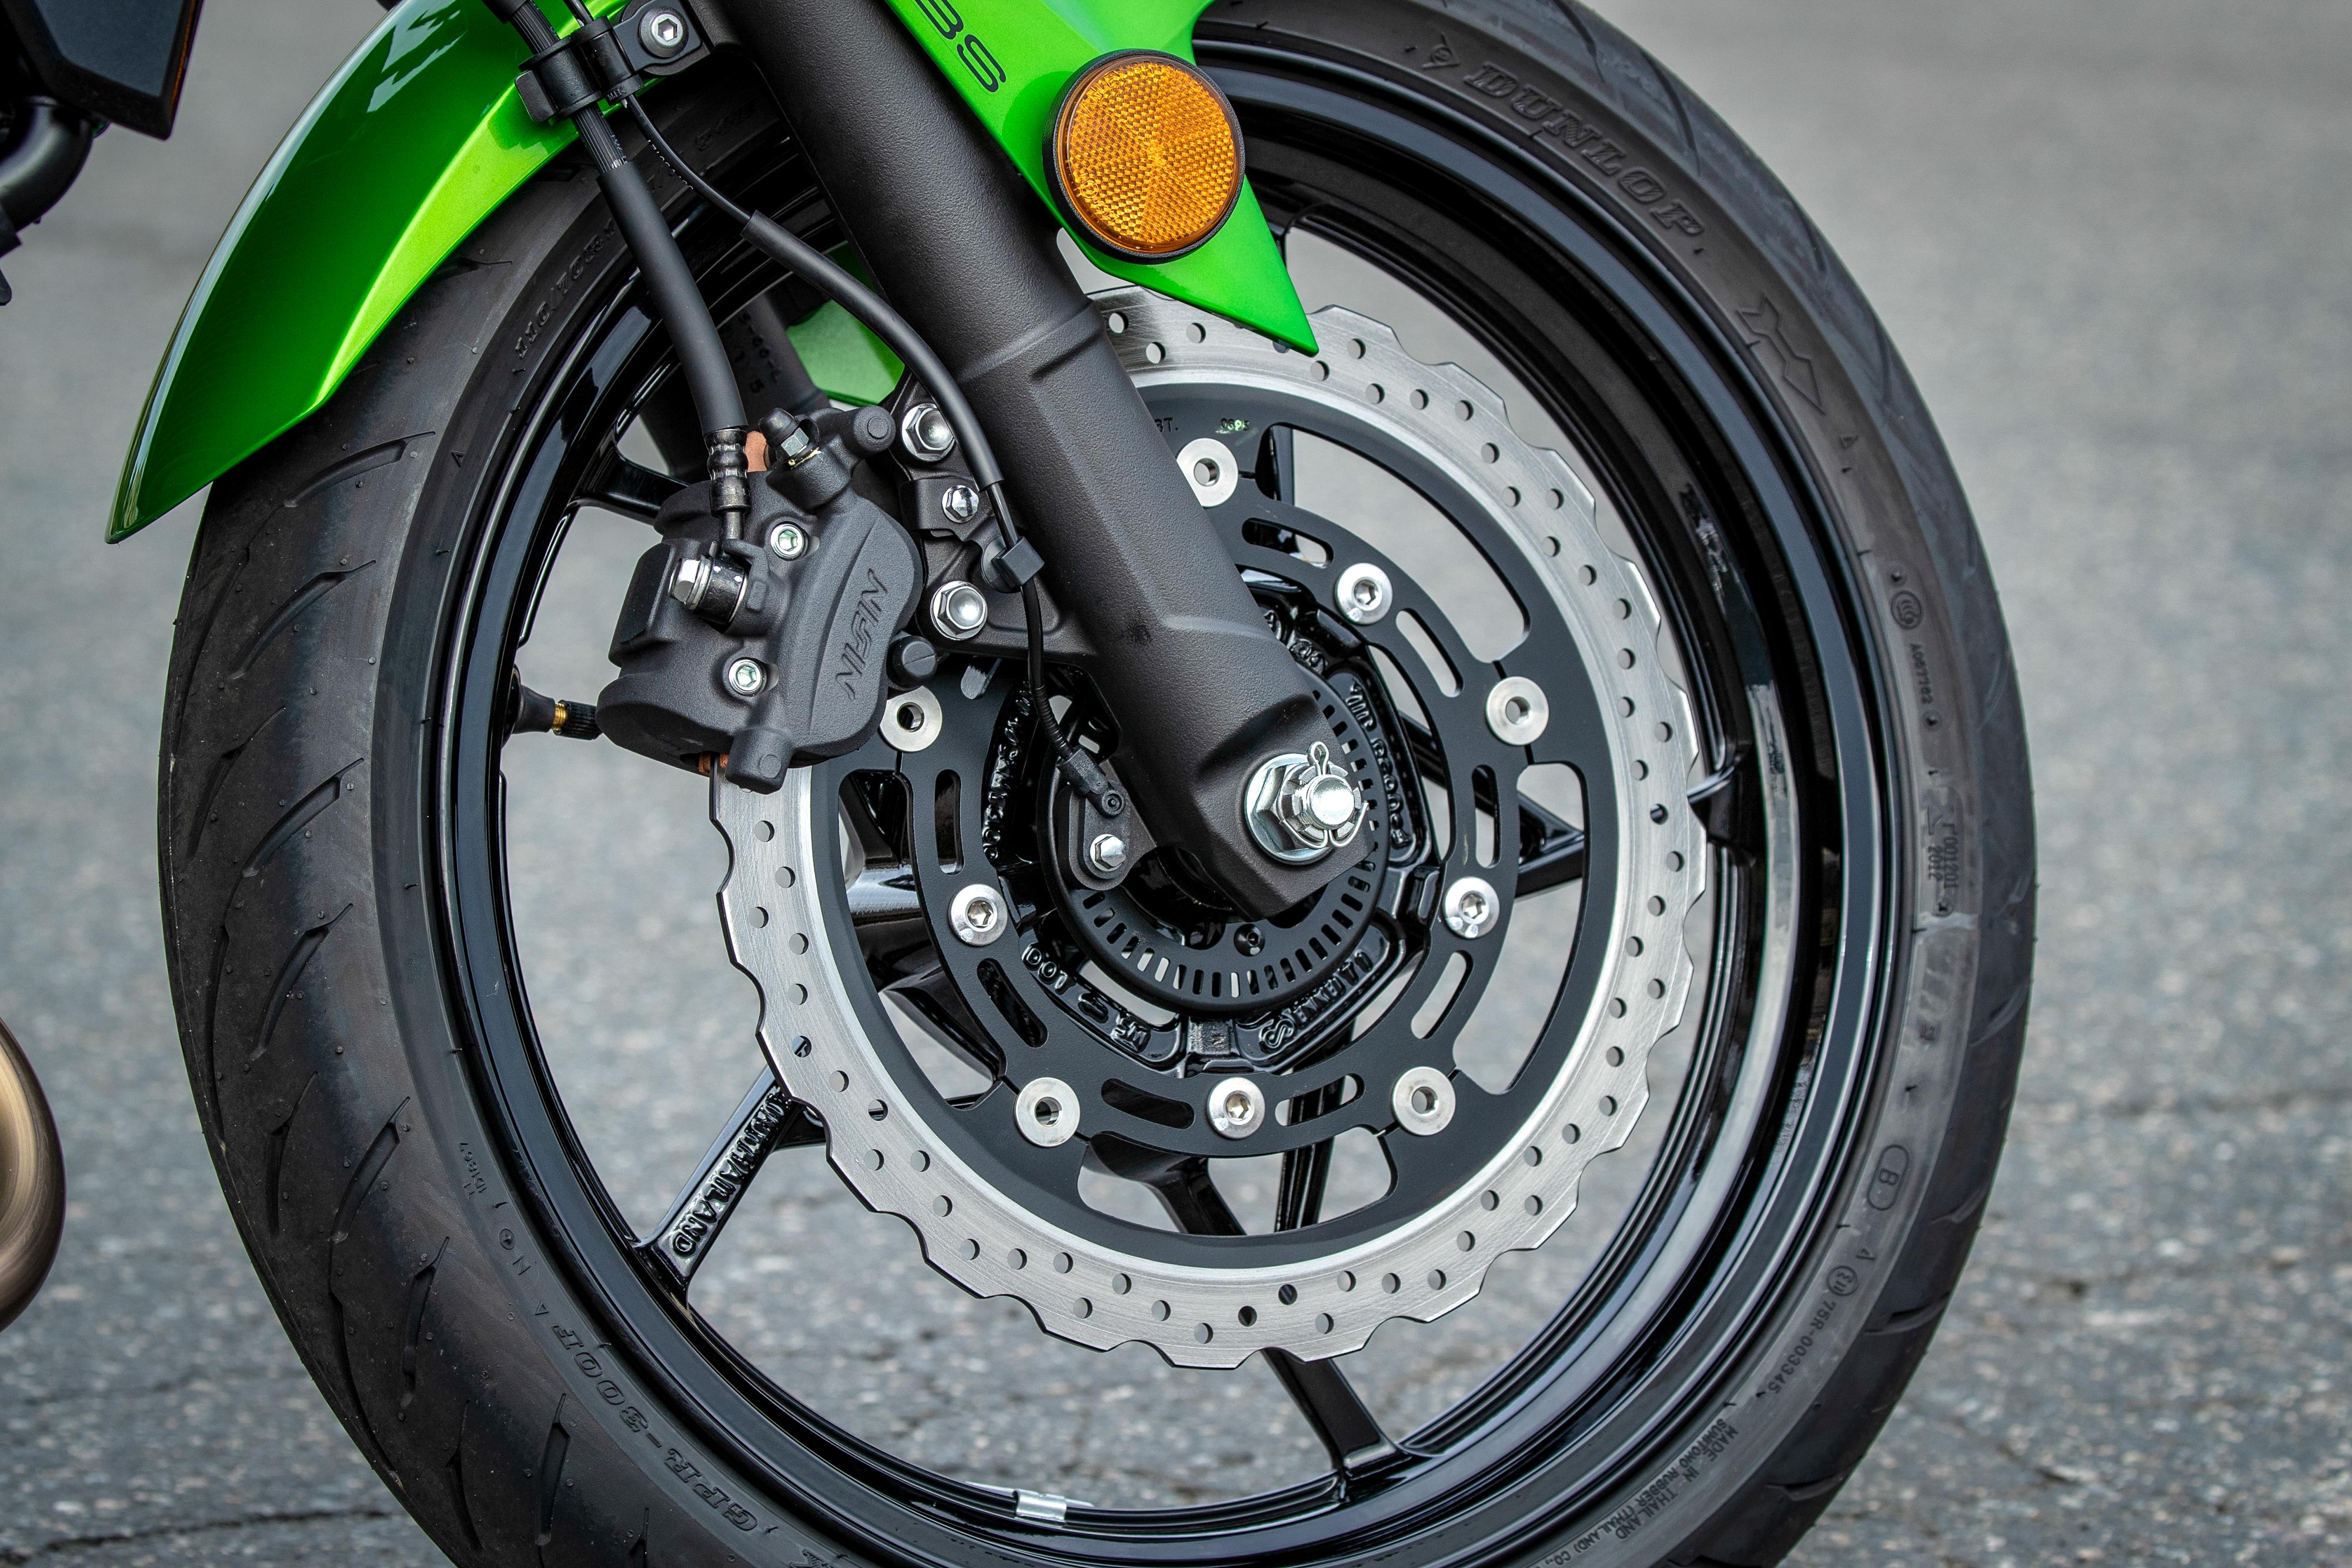 2019 Kawasaki Z400 first ride review - RevZilla